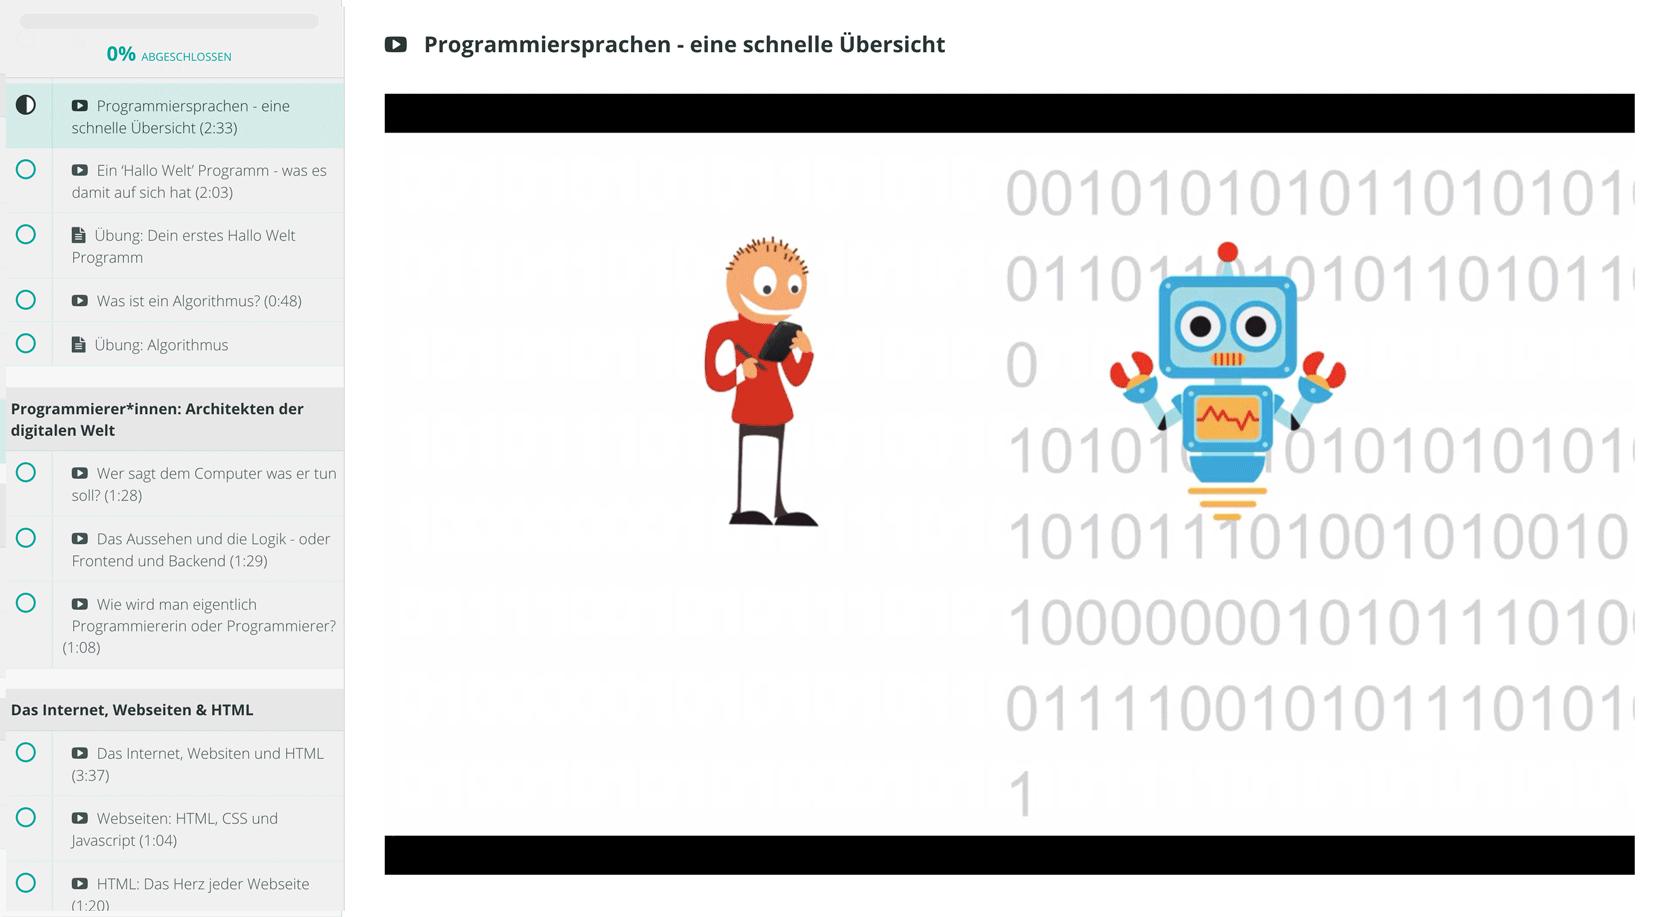 Informatik im Alltag - Code und Programmiersprachen